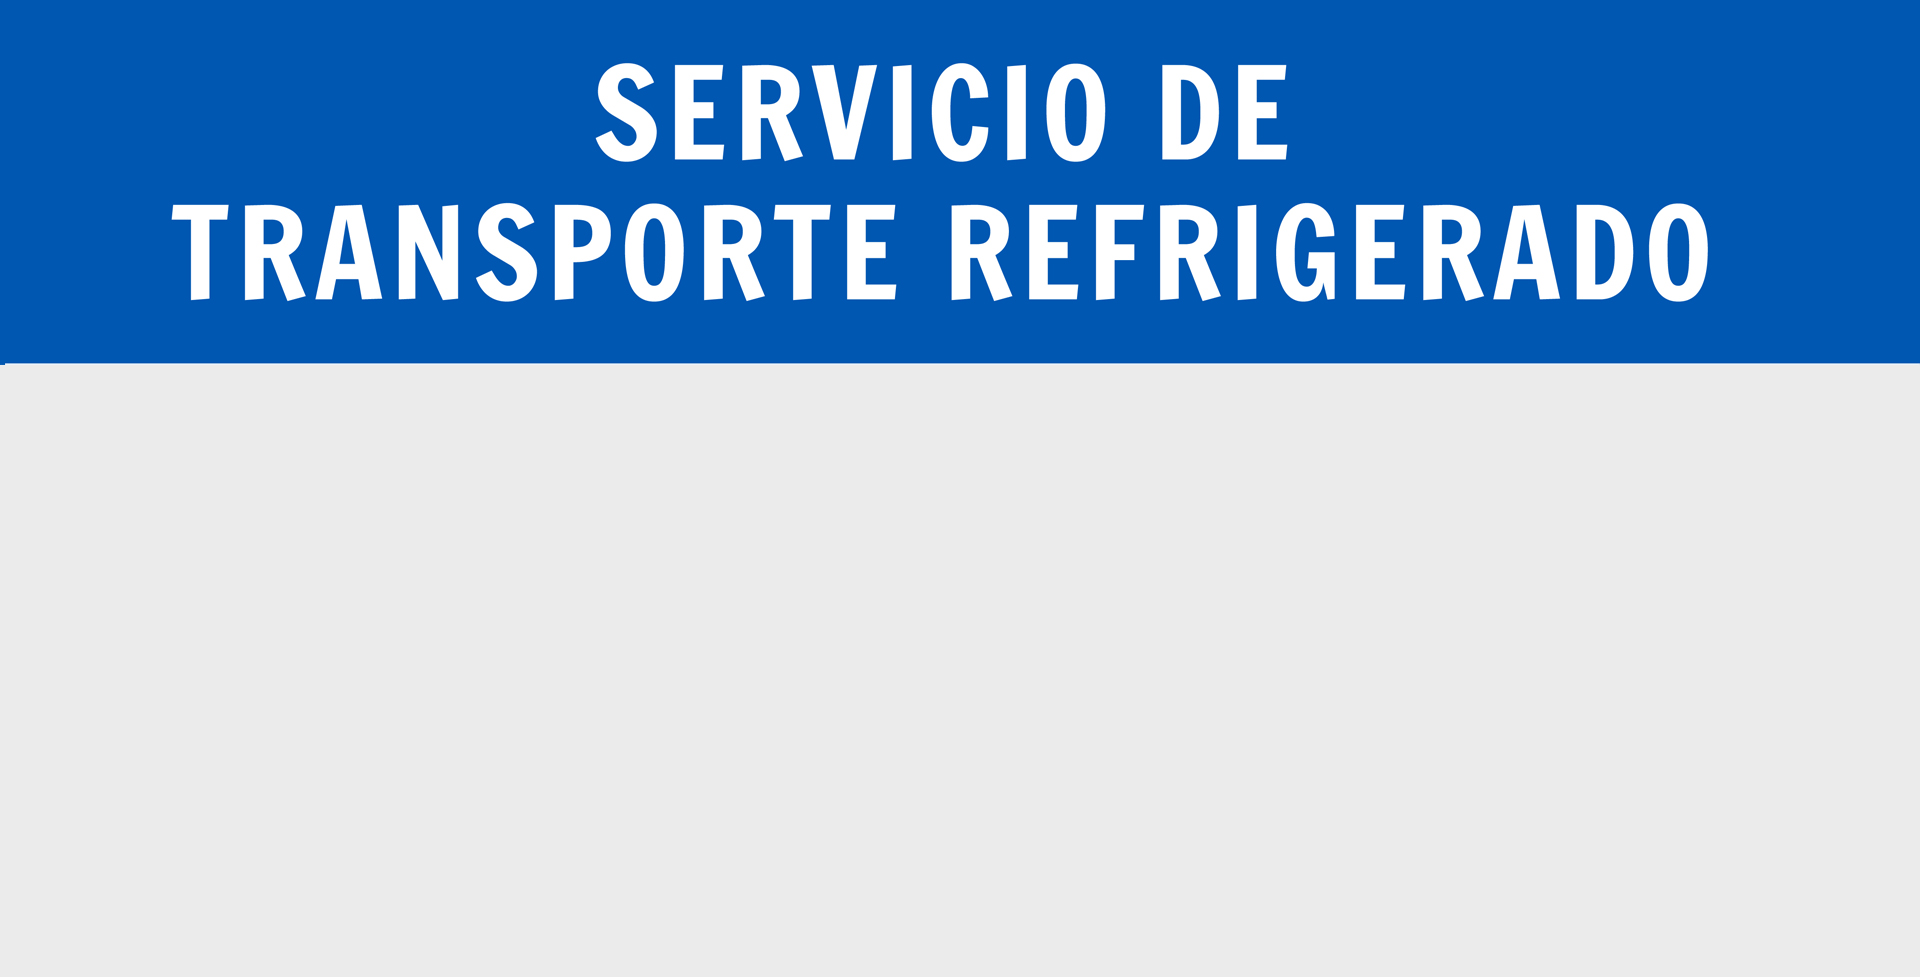 http://www.trtrefrigerados.com/wp-content/uploads/2017/01/refrigerado.jpg